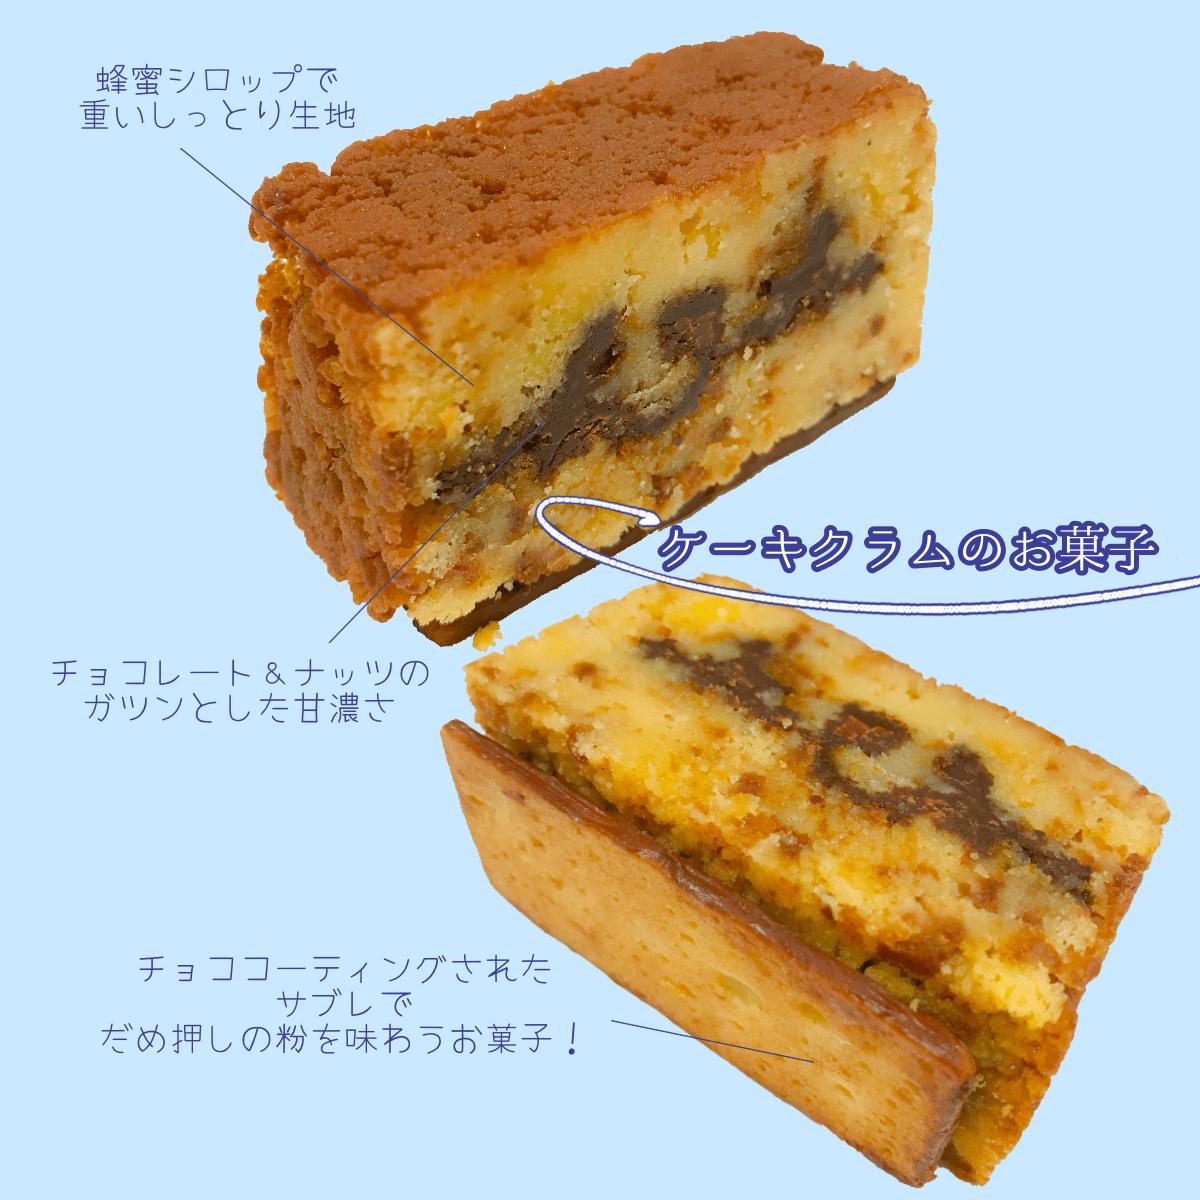 イルプルー ケーキクラムのお菓子